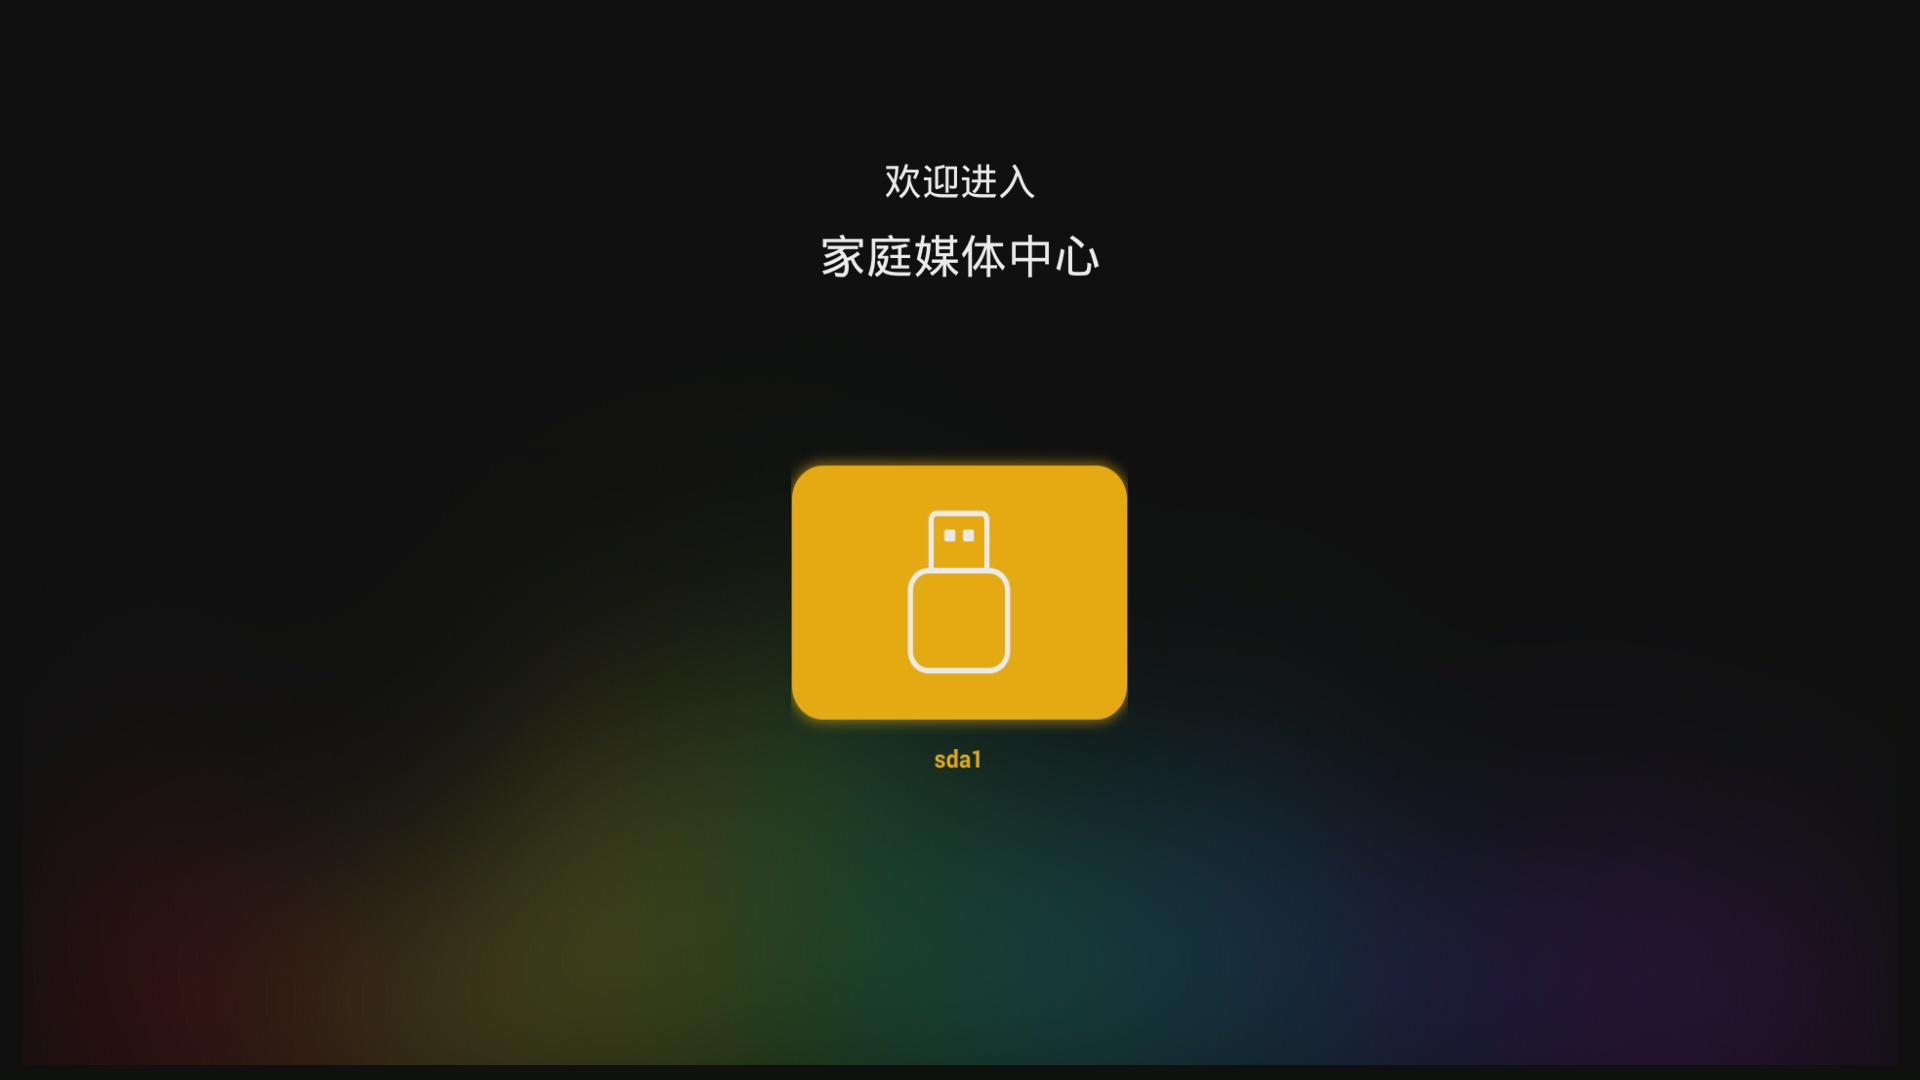 中兴魅盒通过U盘安装第三方软件教程